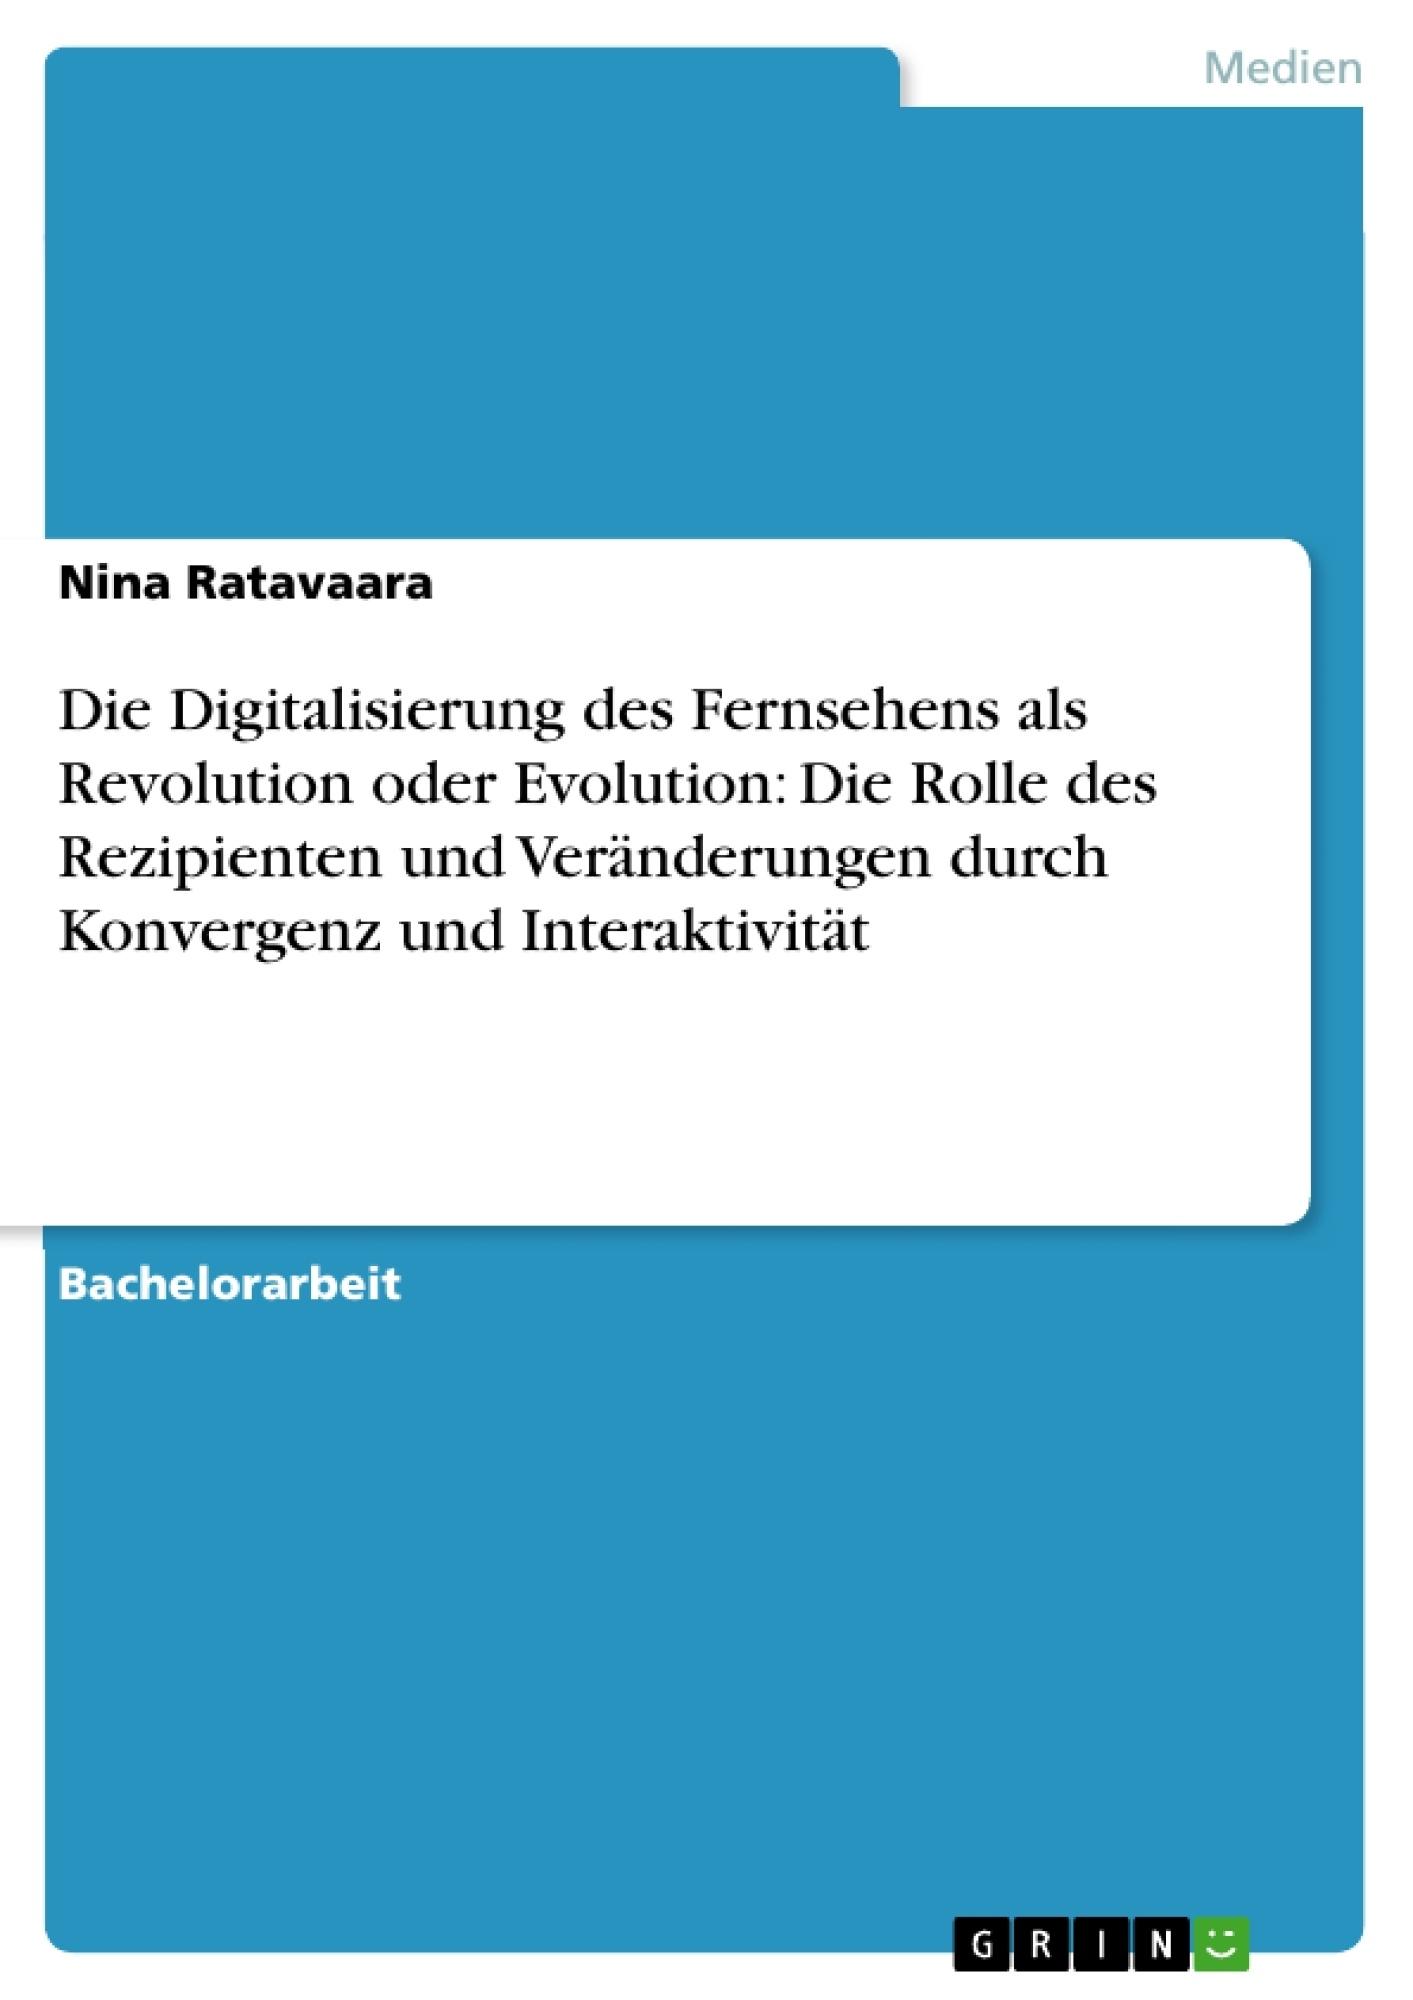 Titel: Die Digitalisierung des Fernsehens als Revolution oder Evolution: Die Rolle des Rezipienten und Veränderungen durch Konvergenz und Interaktivität